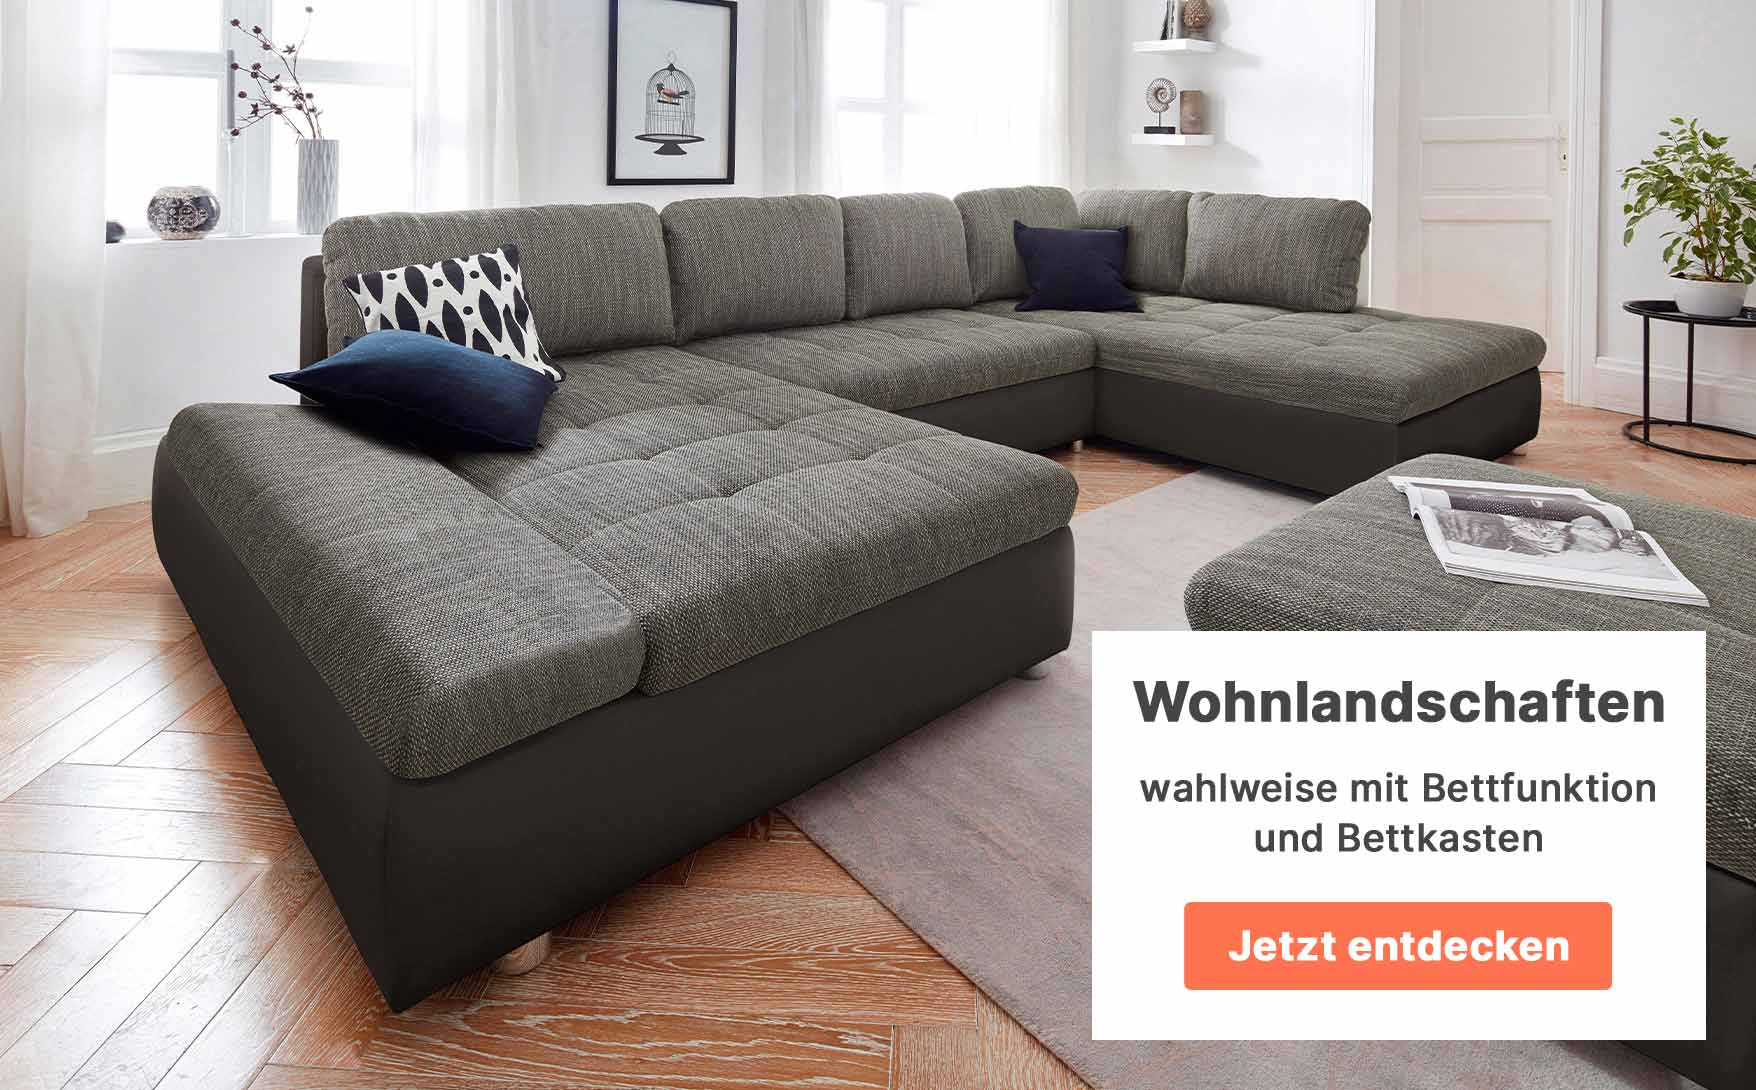 Full Size of Sofa Halbrund Otto Cnouchde Polstermbel Wohnmbel Zum Online Shop Terassen Led Wk Ikea Mit Schlaffunktion Verstellbarer Sitztiefe Wildleder Büffelleder Wohnzimmer Sofa Halbrund Otto